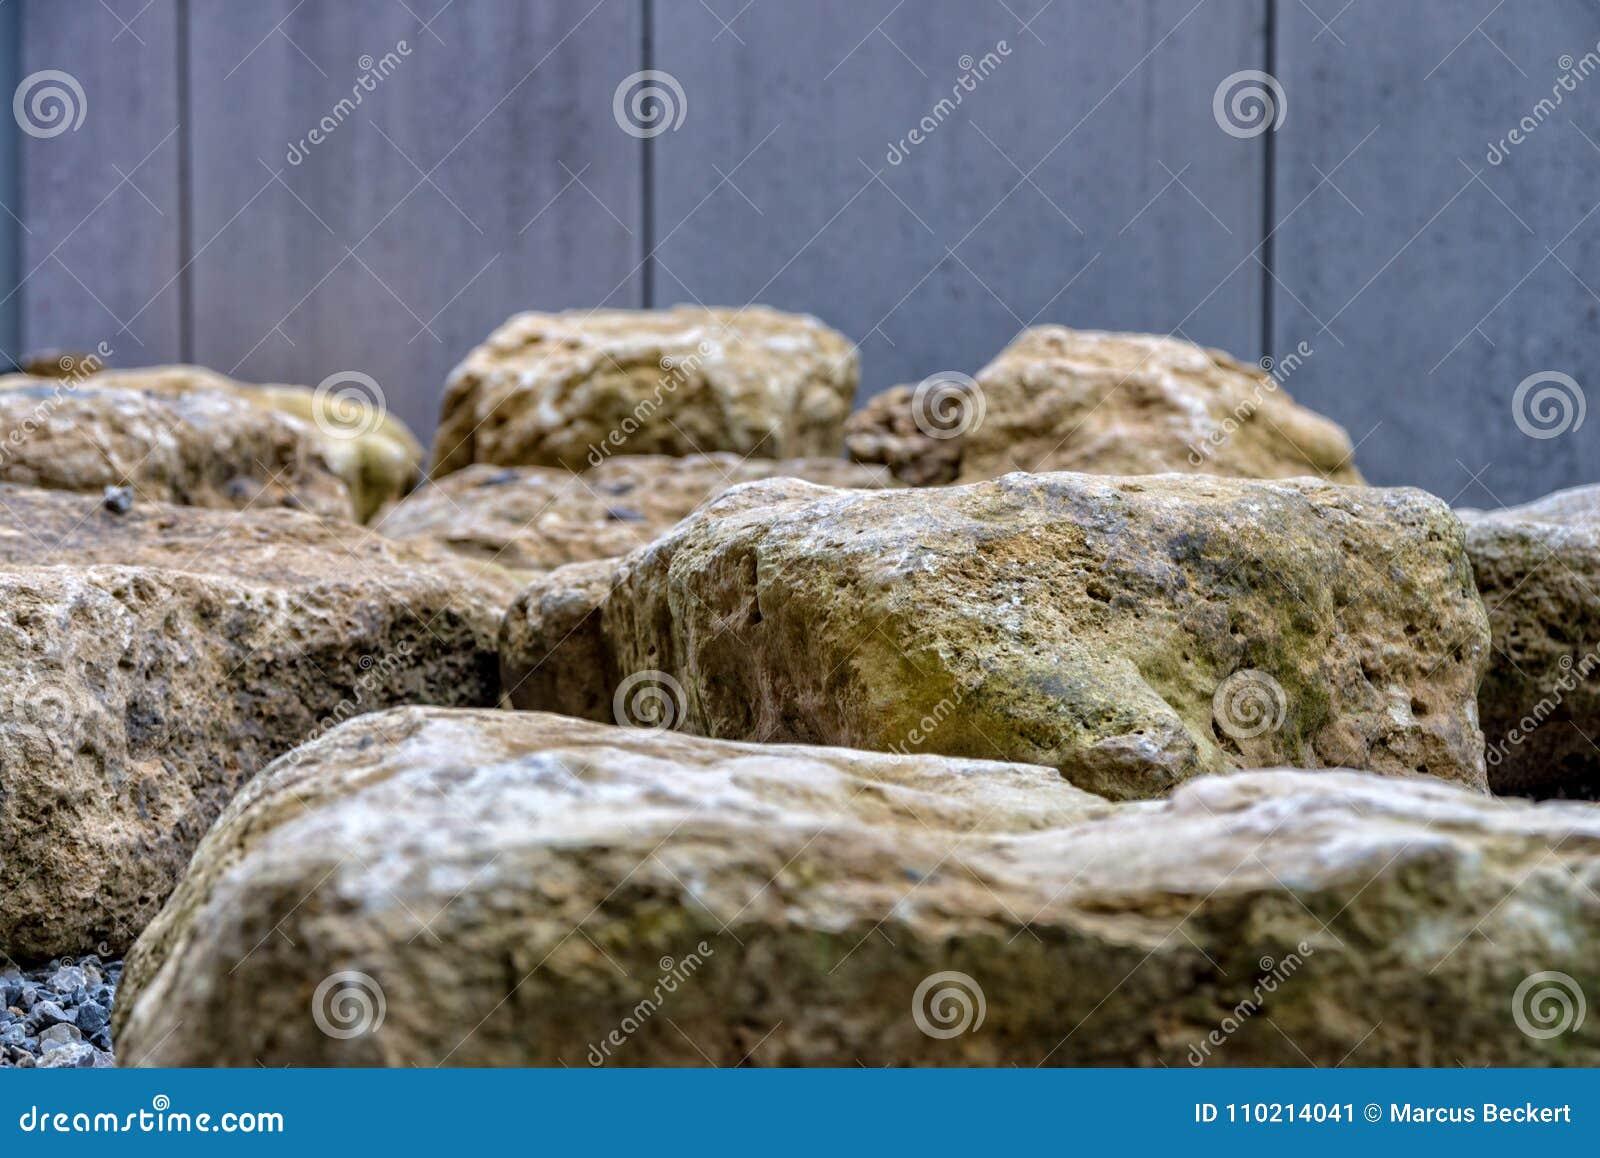 Grote stenen voor de bouw van een terras